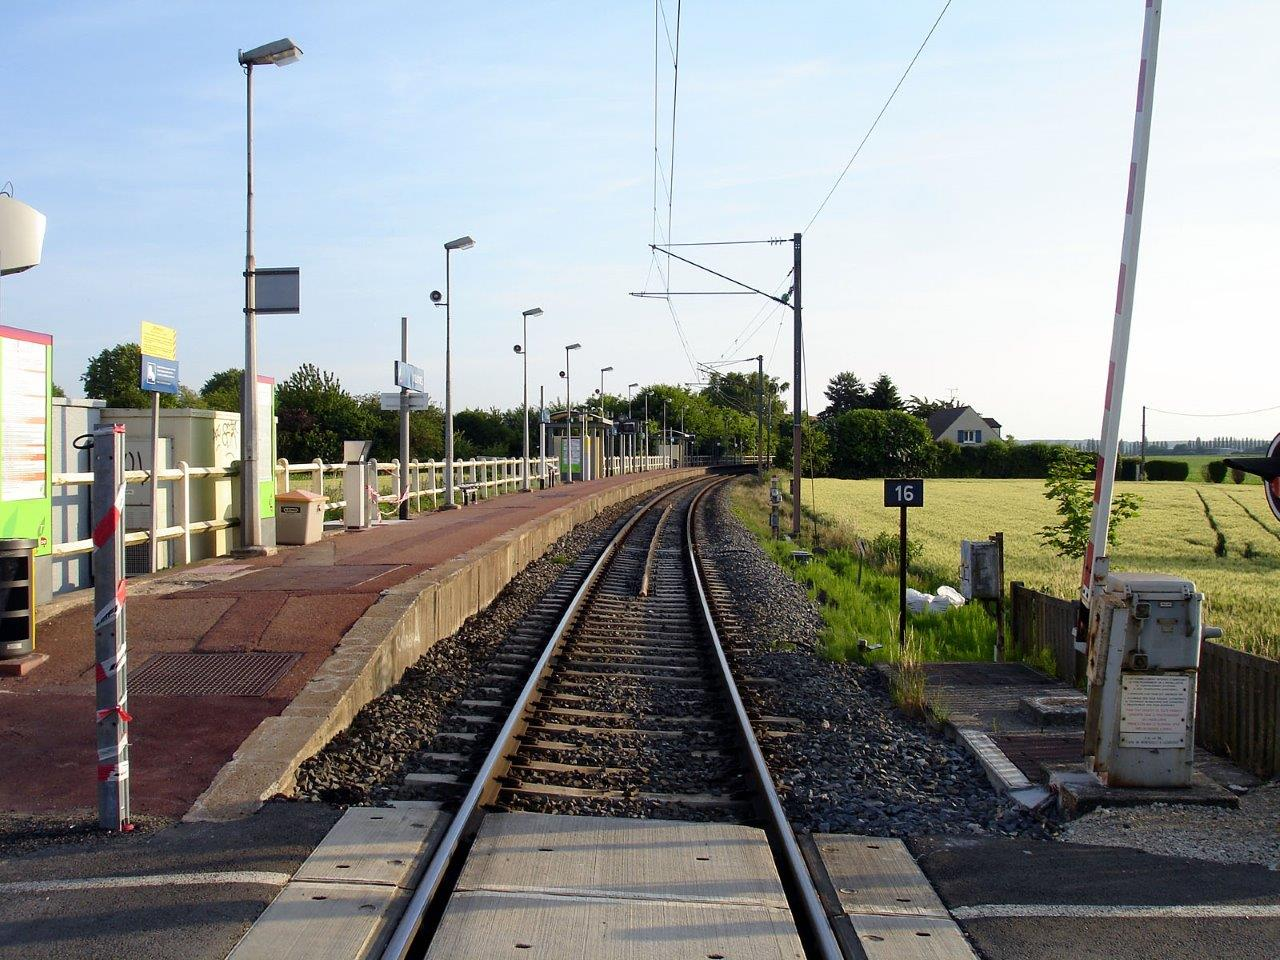 gare-de-villaines-train-station